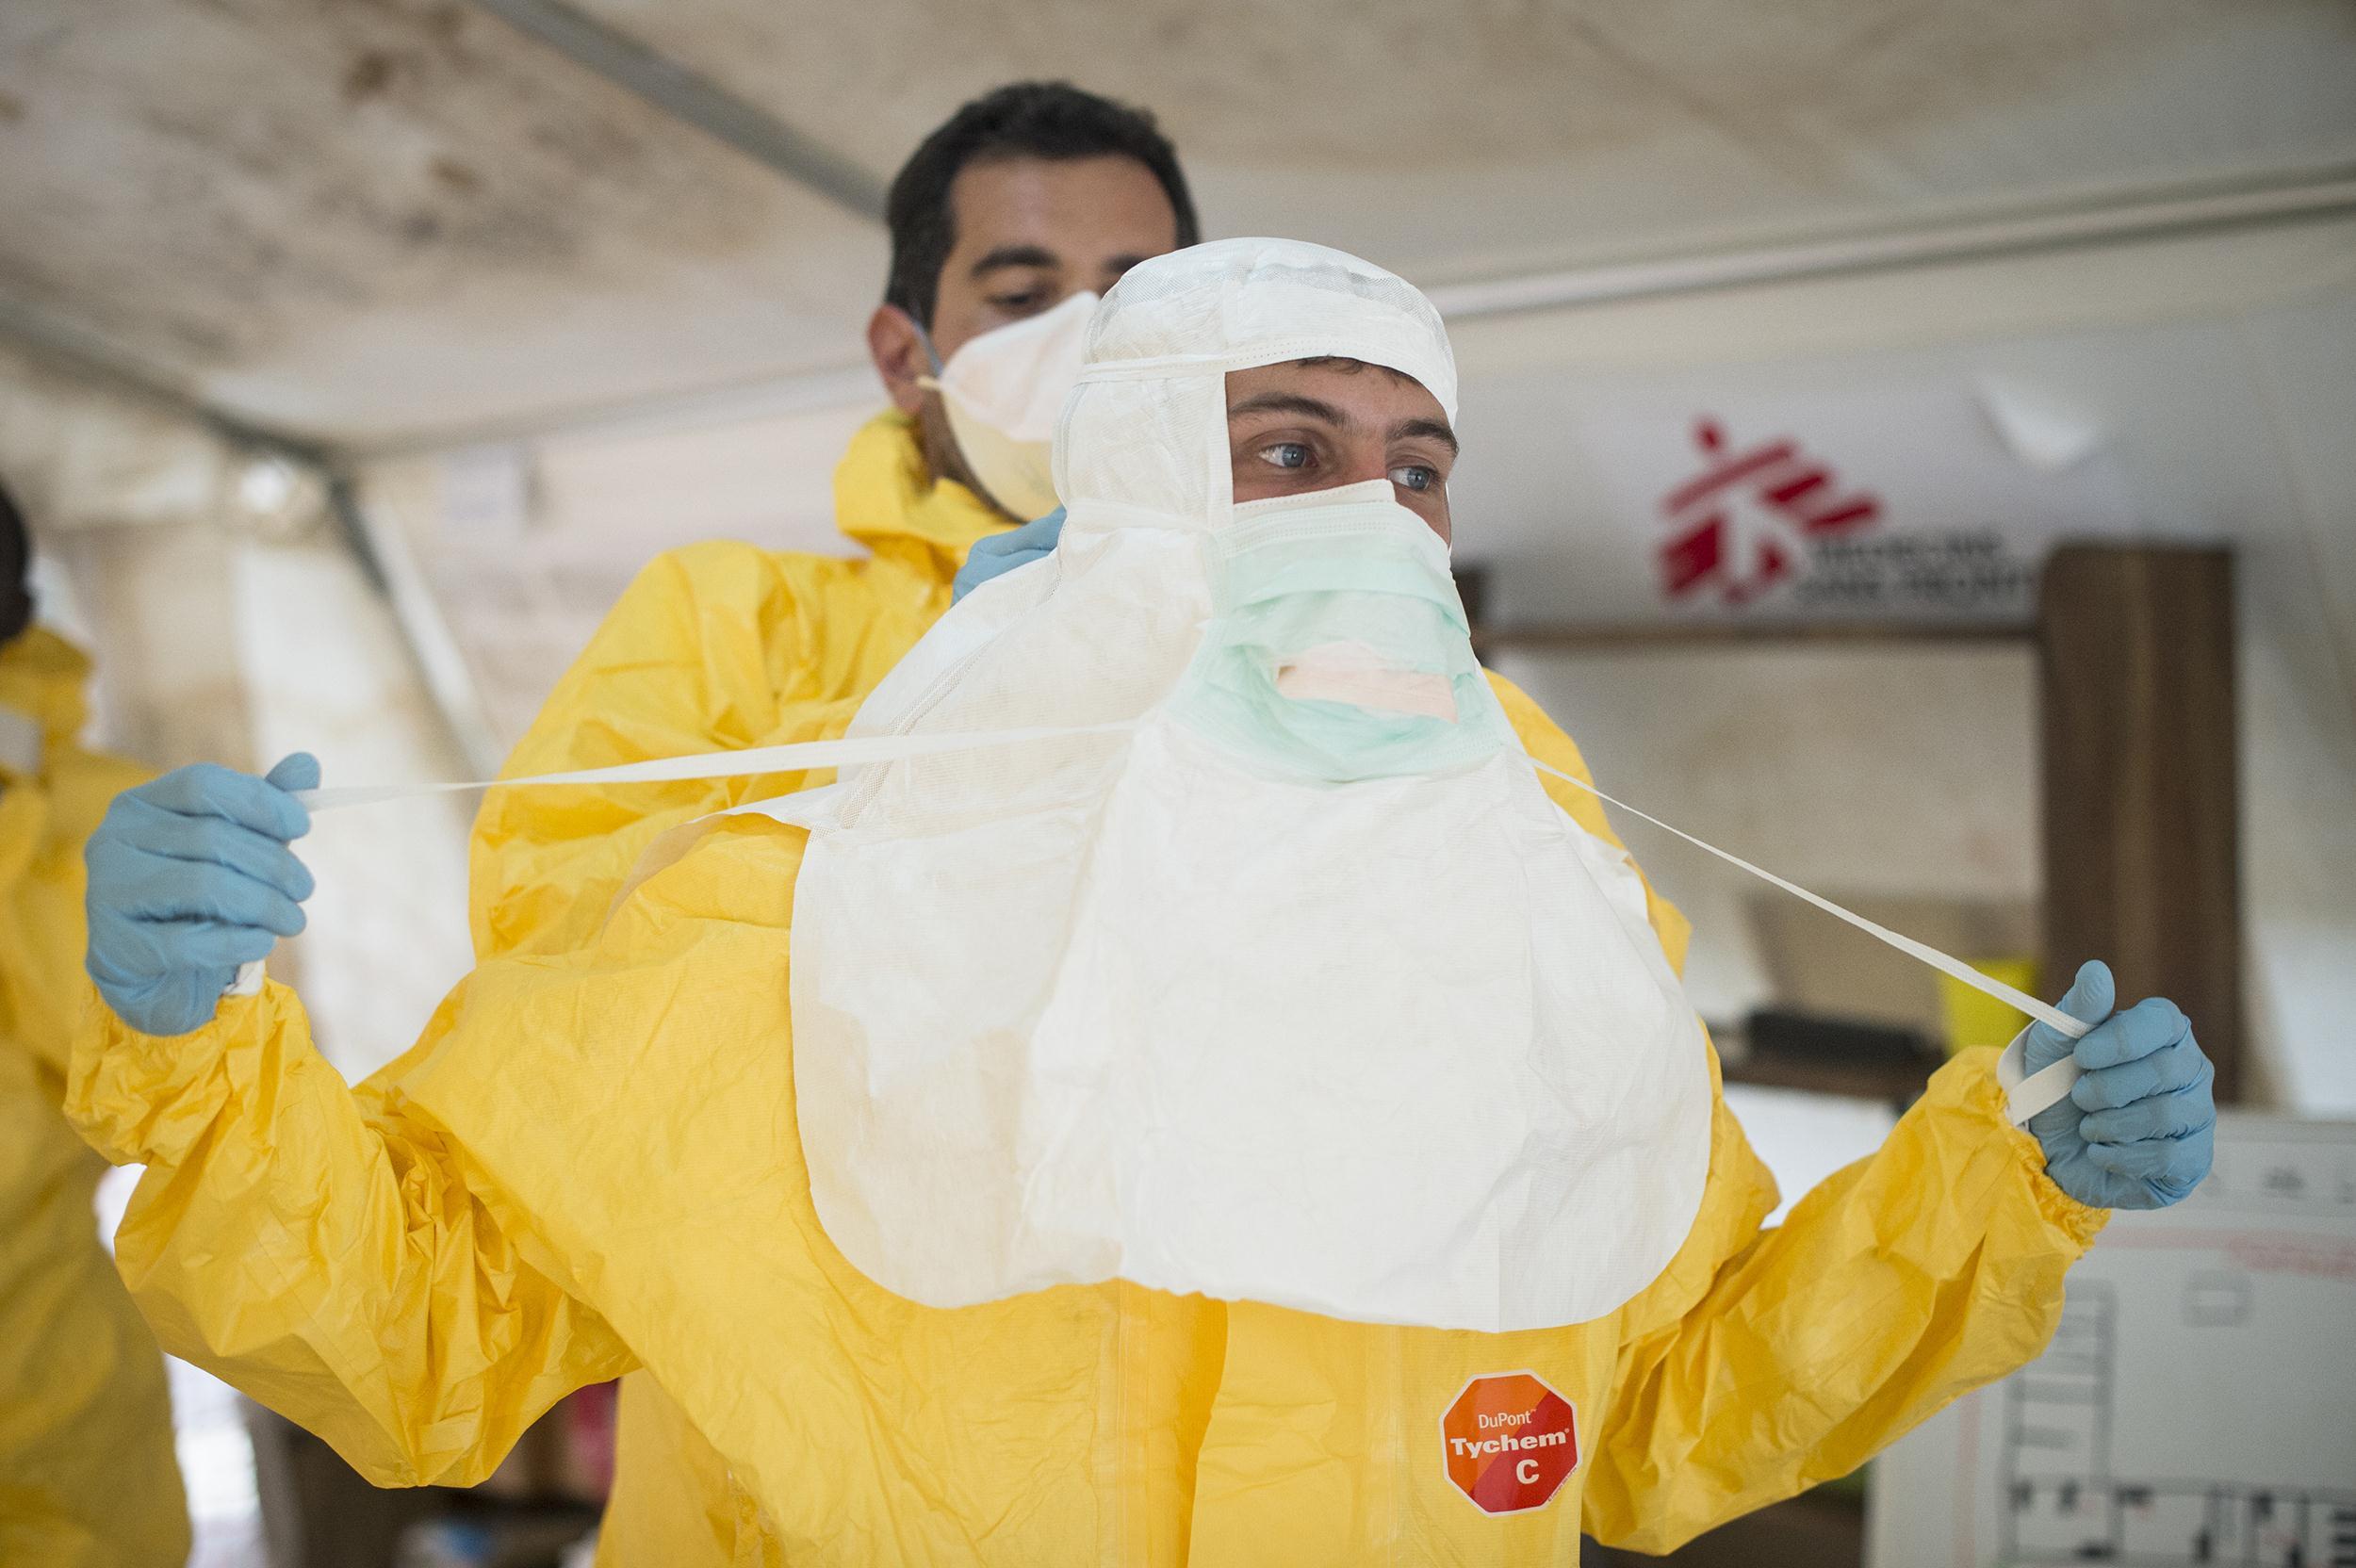 140827-ebola-msf-04_dc5450326d43c5d6a5bfc26d5ca86125